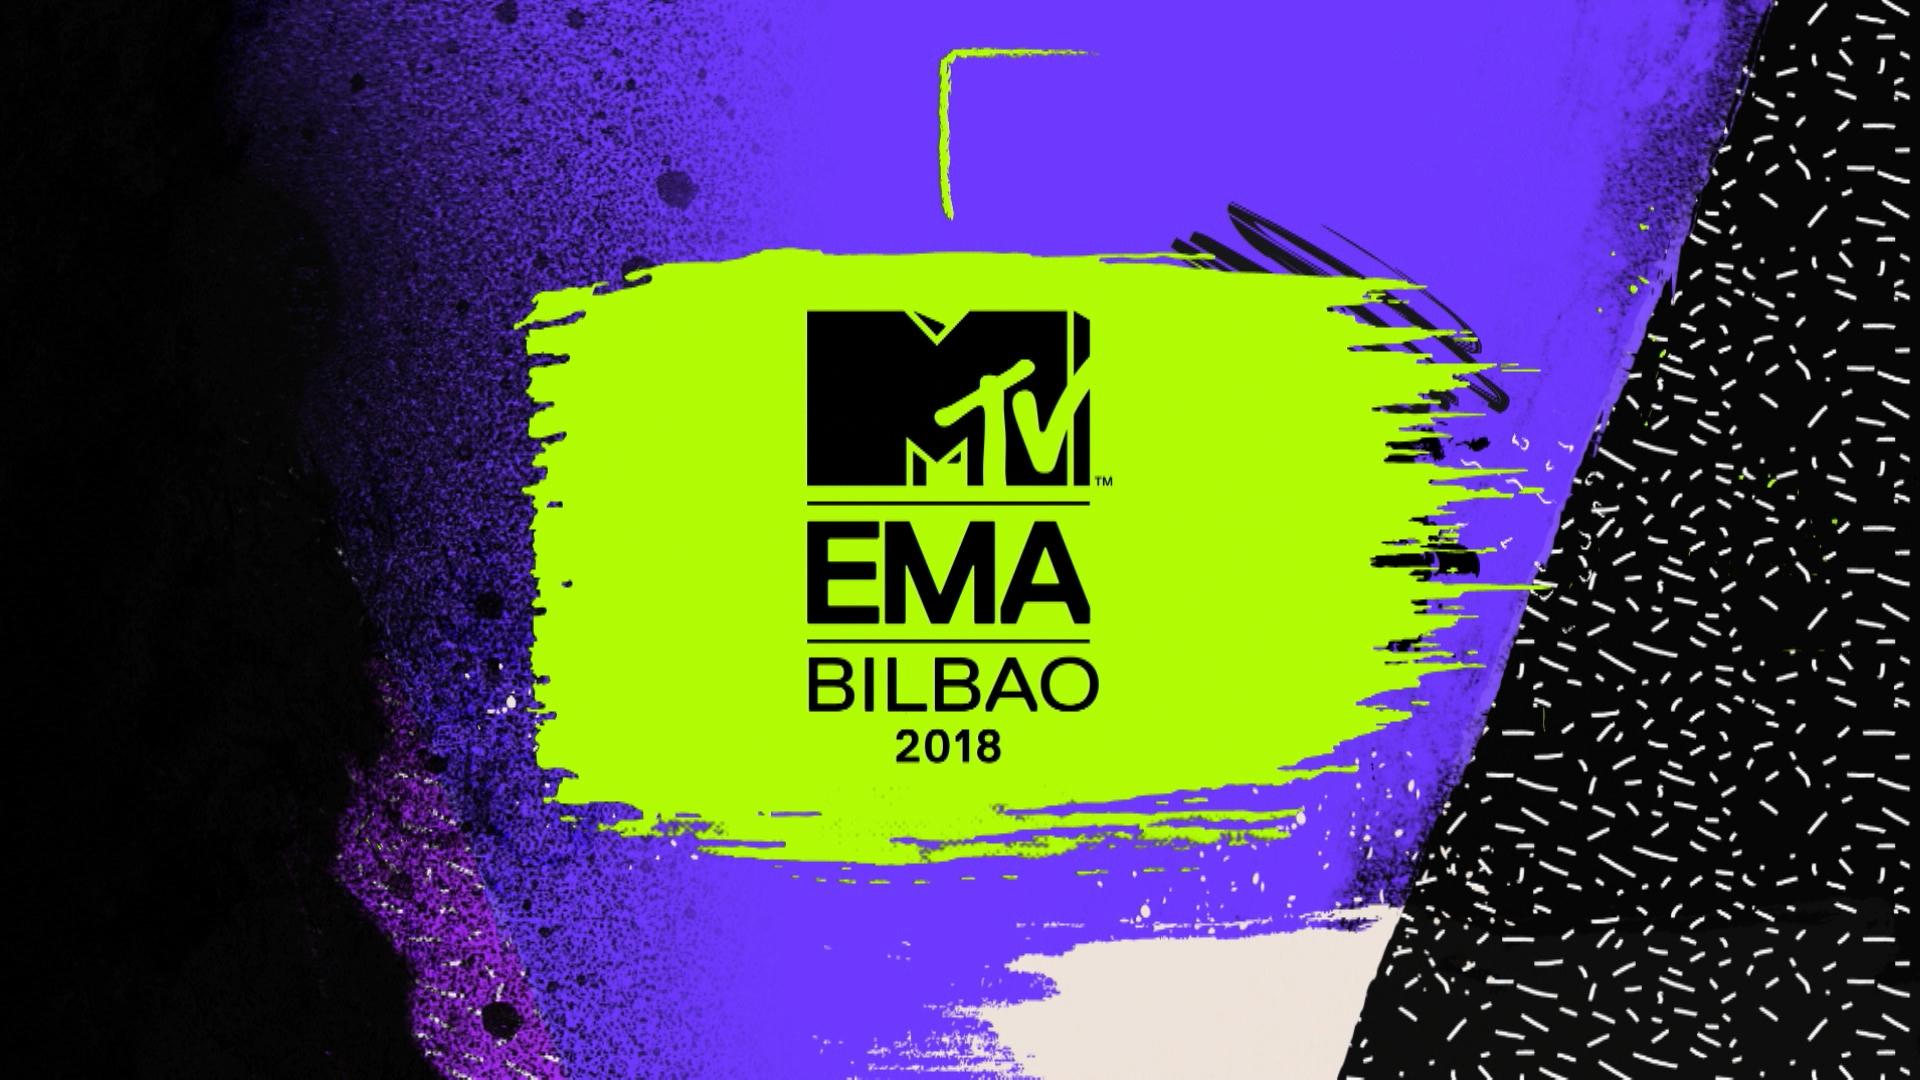 MTV EMA 2018 - Teaser